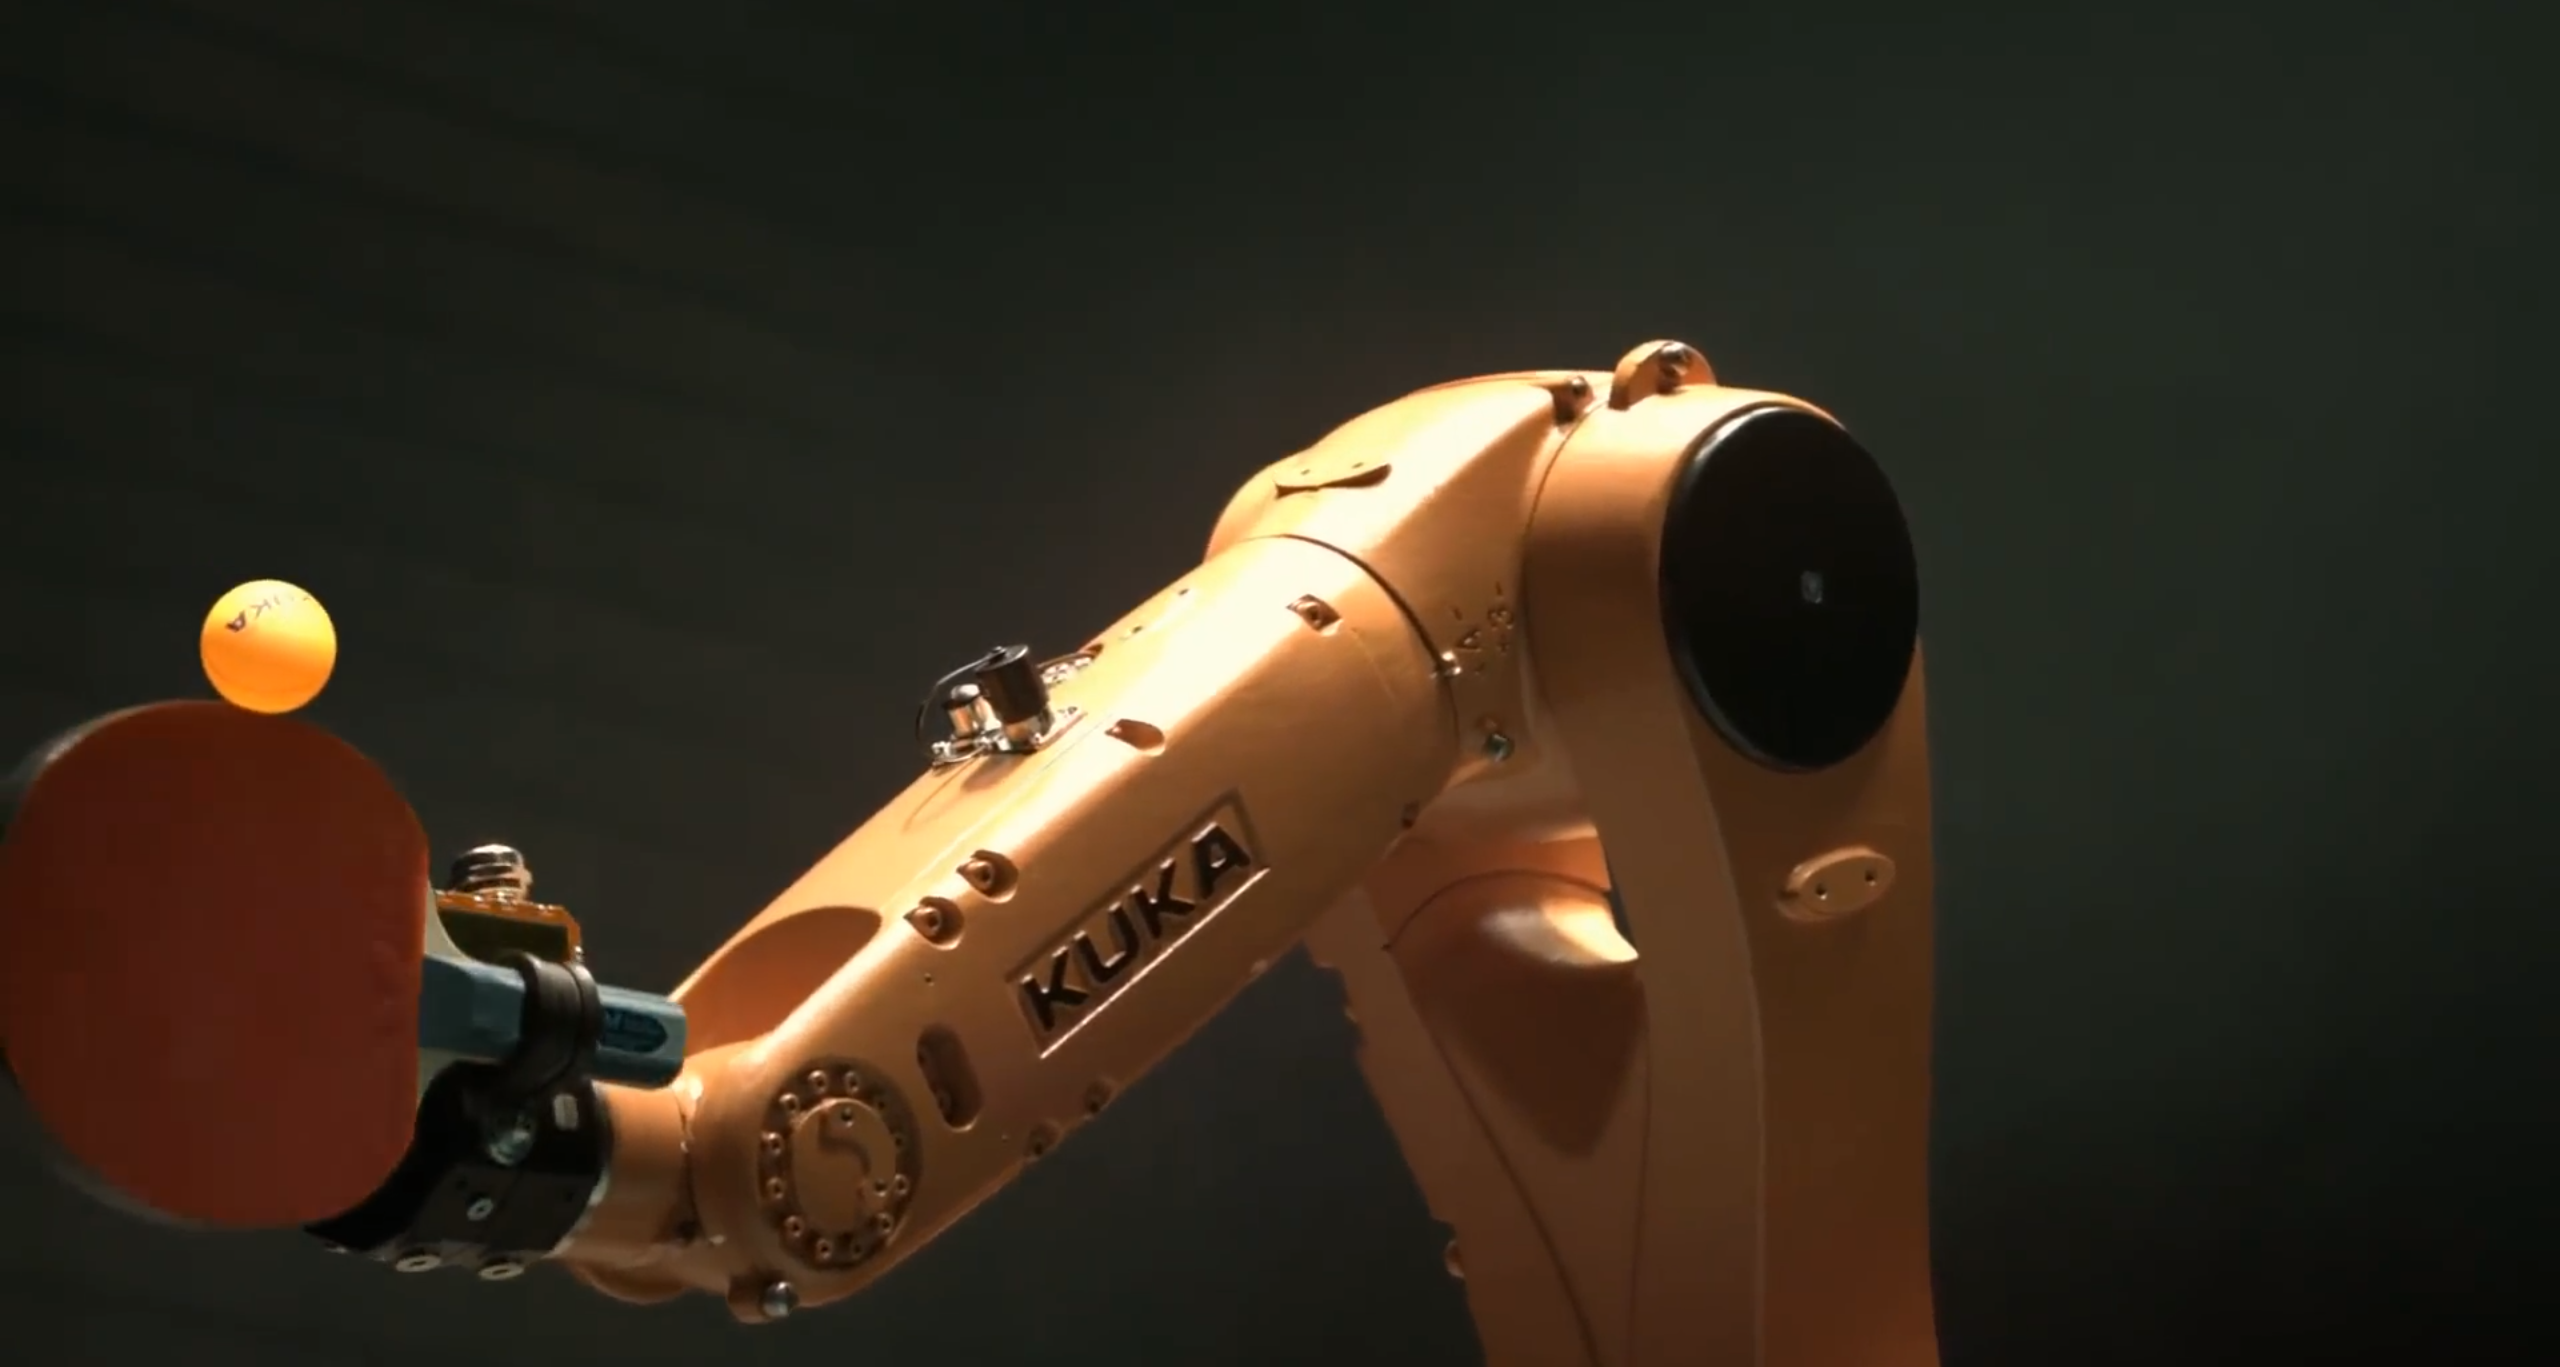 Kuka-Roboter beim Aufschlag: Am 11. März wird der Agilus-Robotergegen Tischtennis-StarTimo Boll antreten.